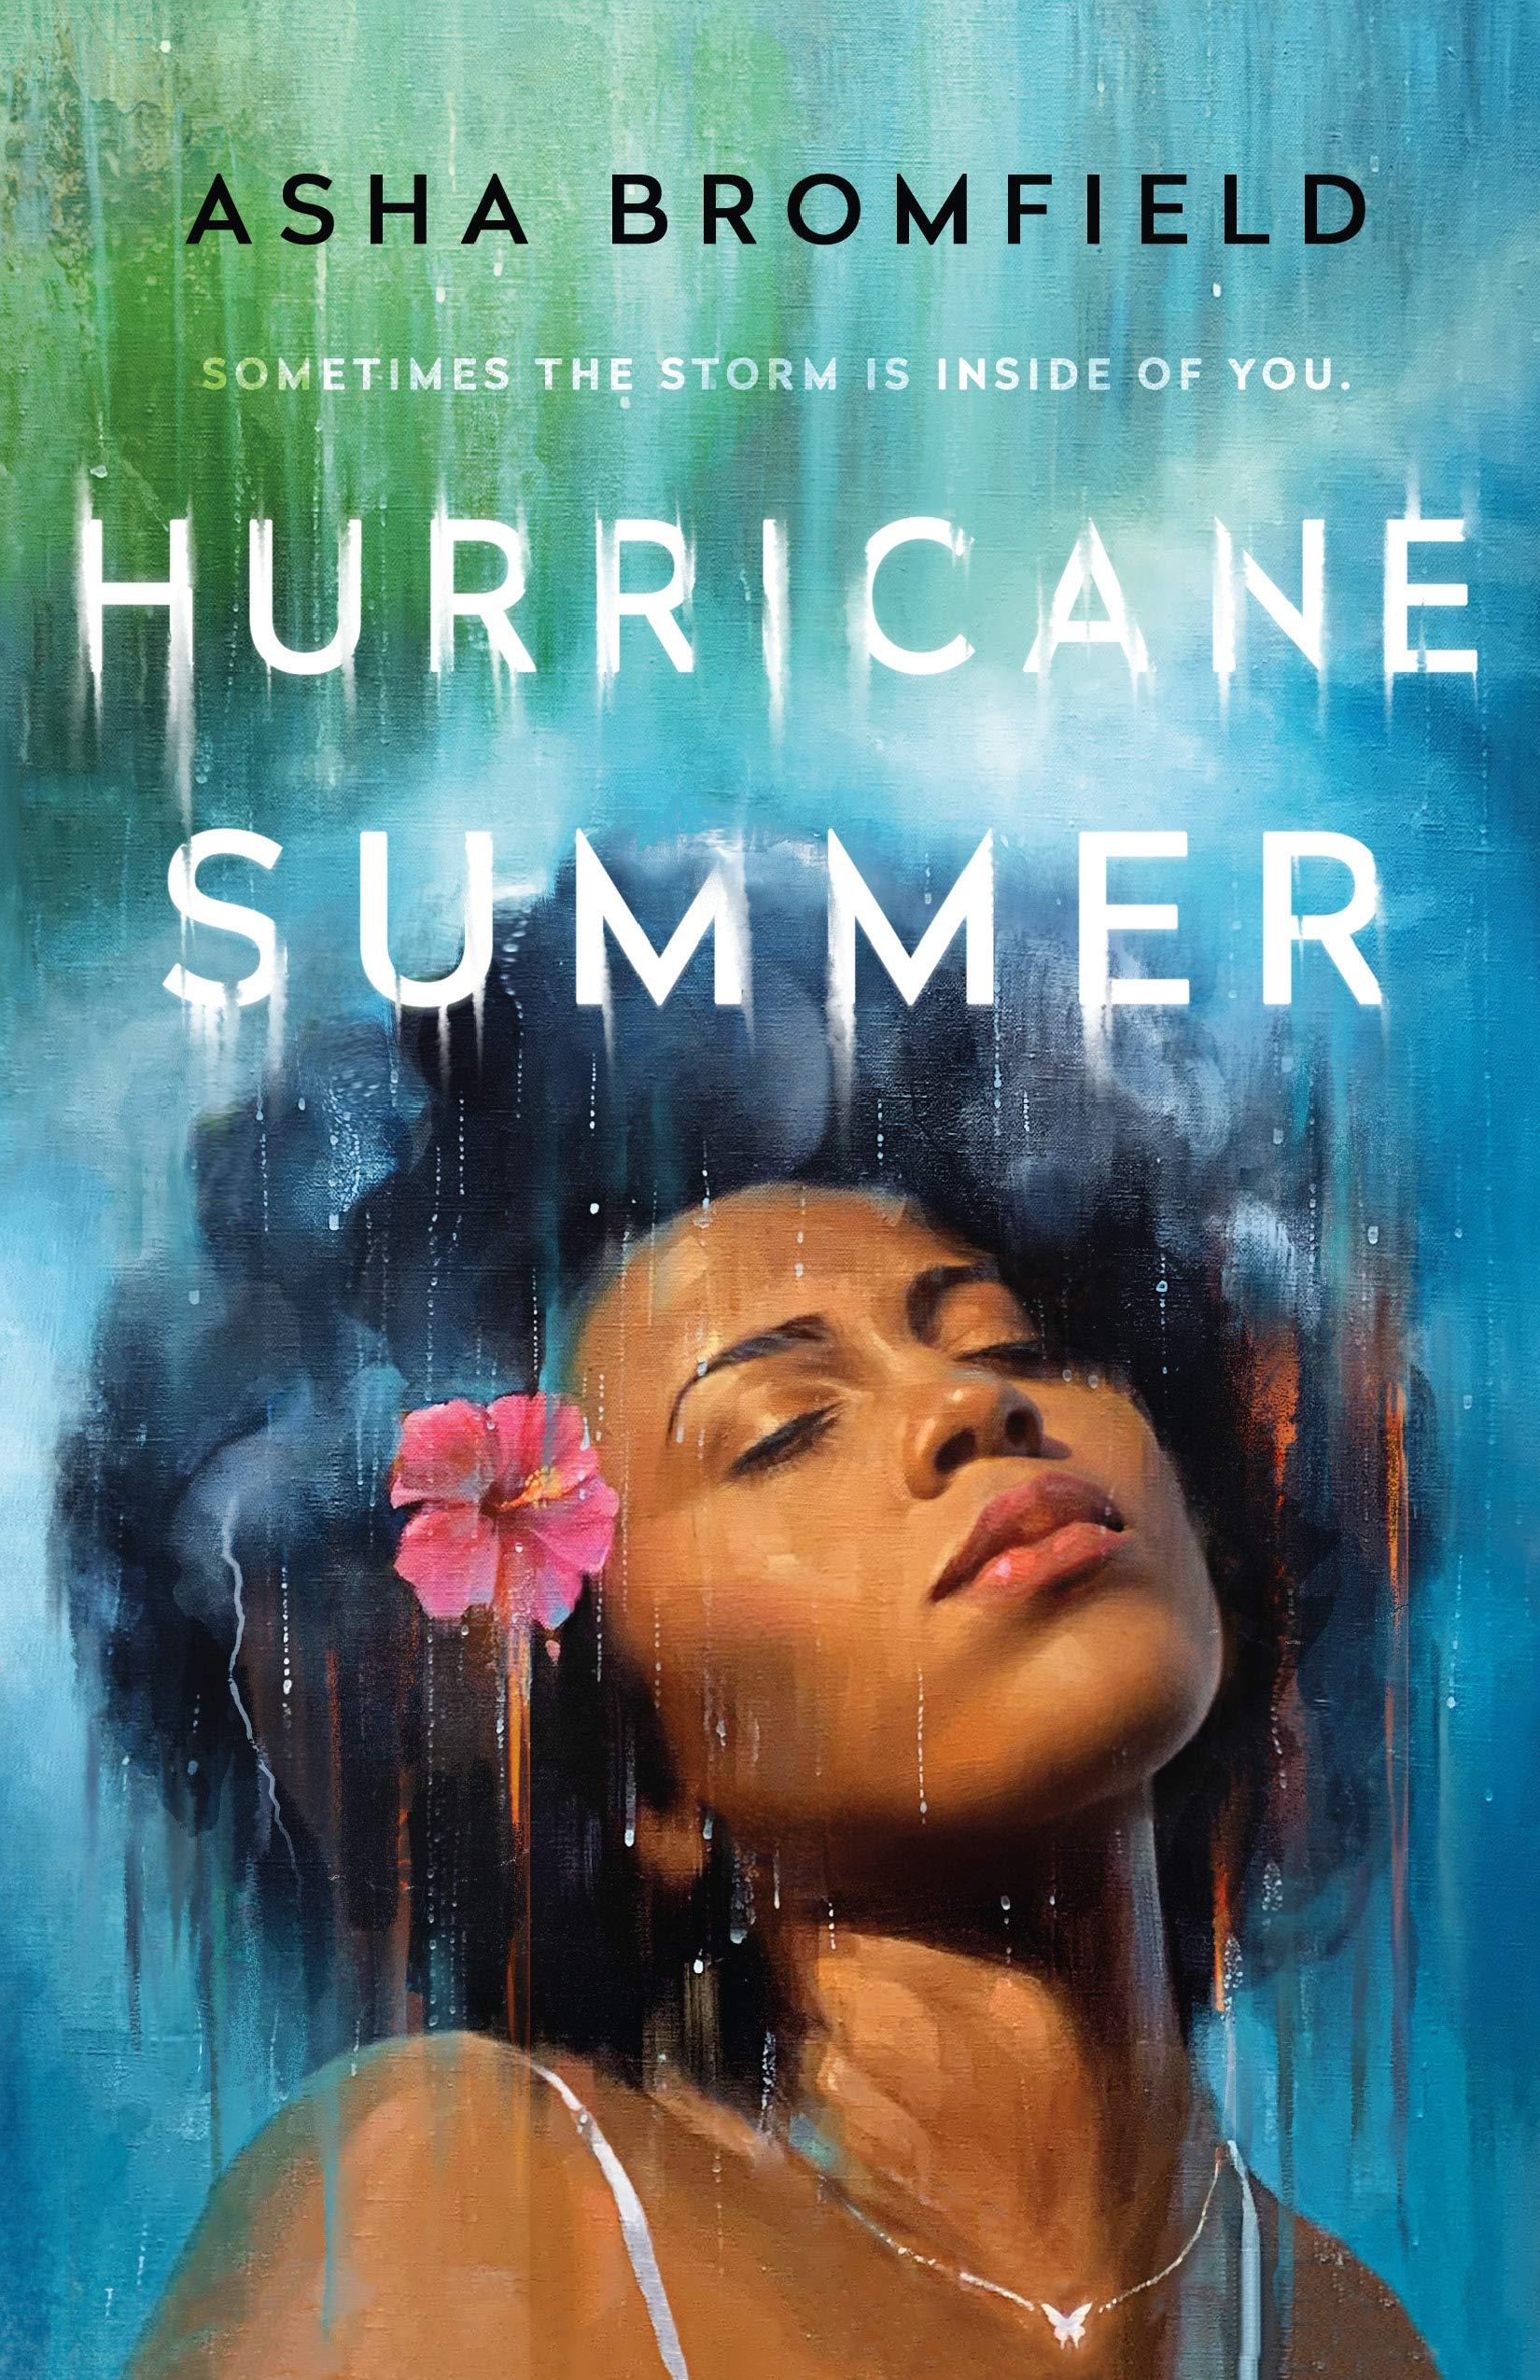 YA Book Club: Hurricane Summer by Asha Bromfield